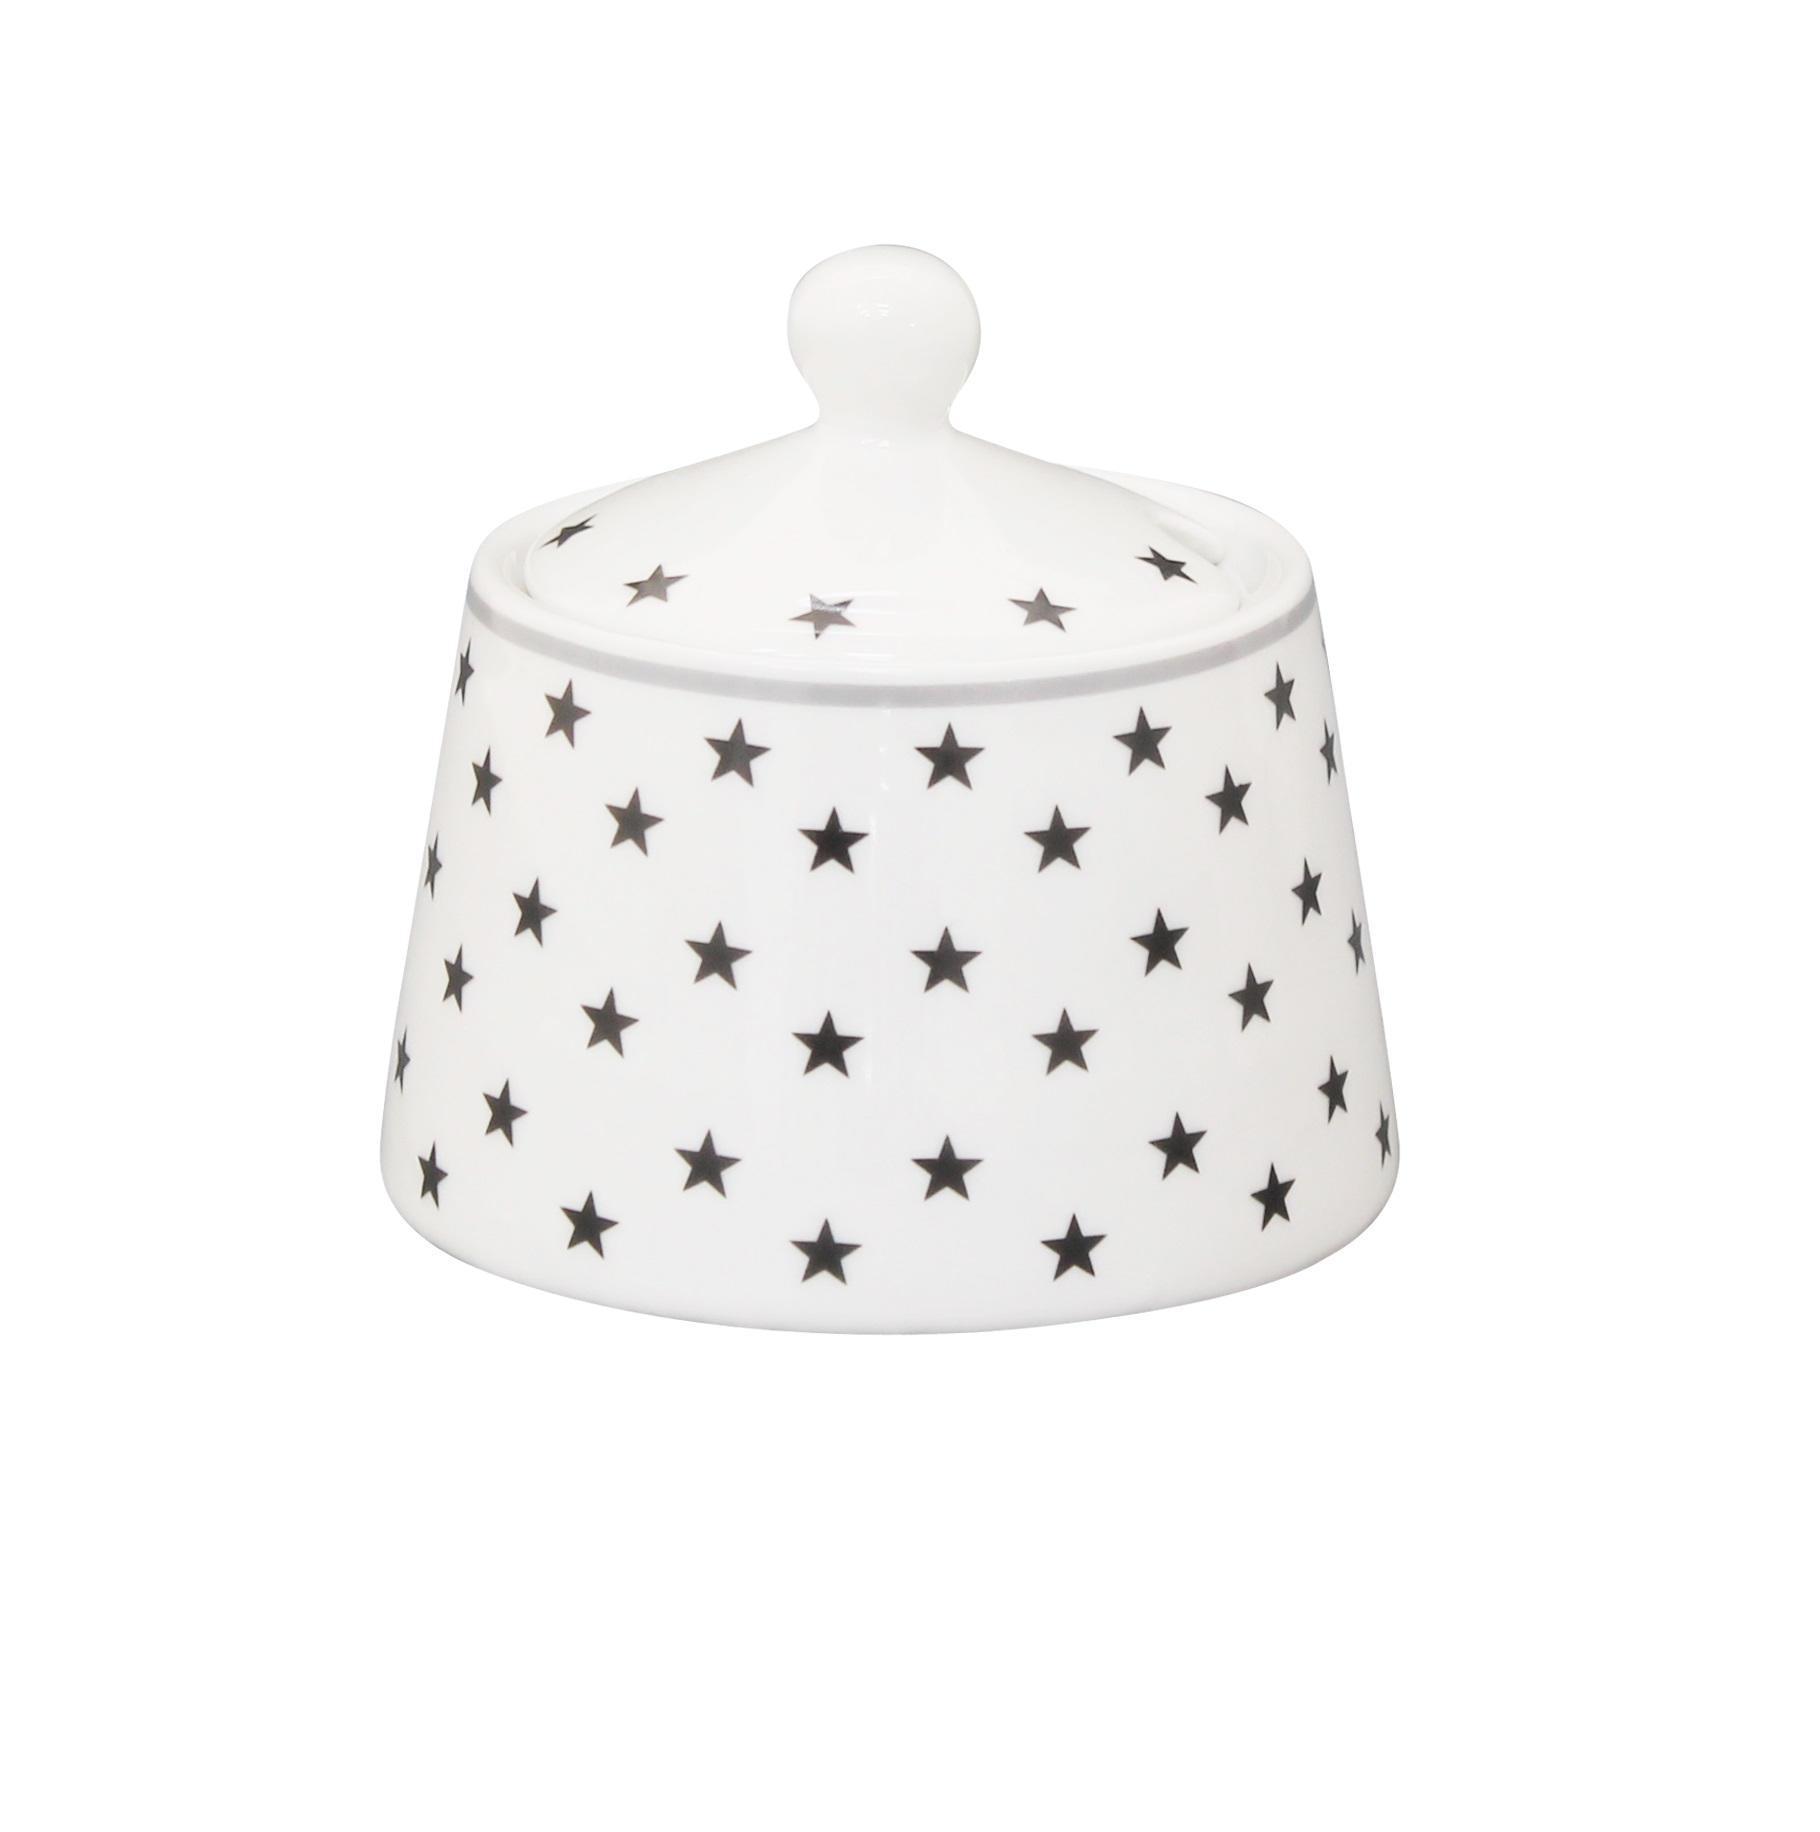 Krasilnikoff Dózička se lžičkou Charcoal stars, šedá barva, bílá barva, keramika